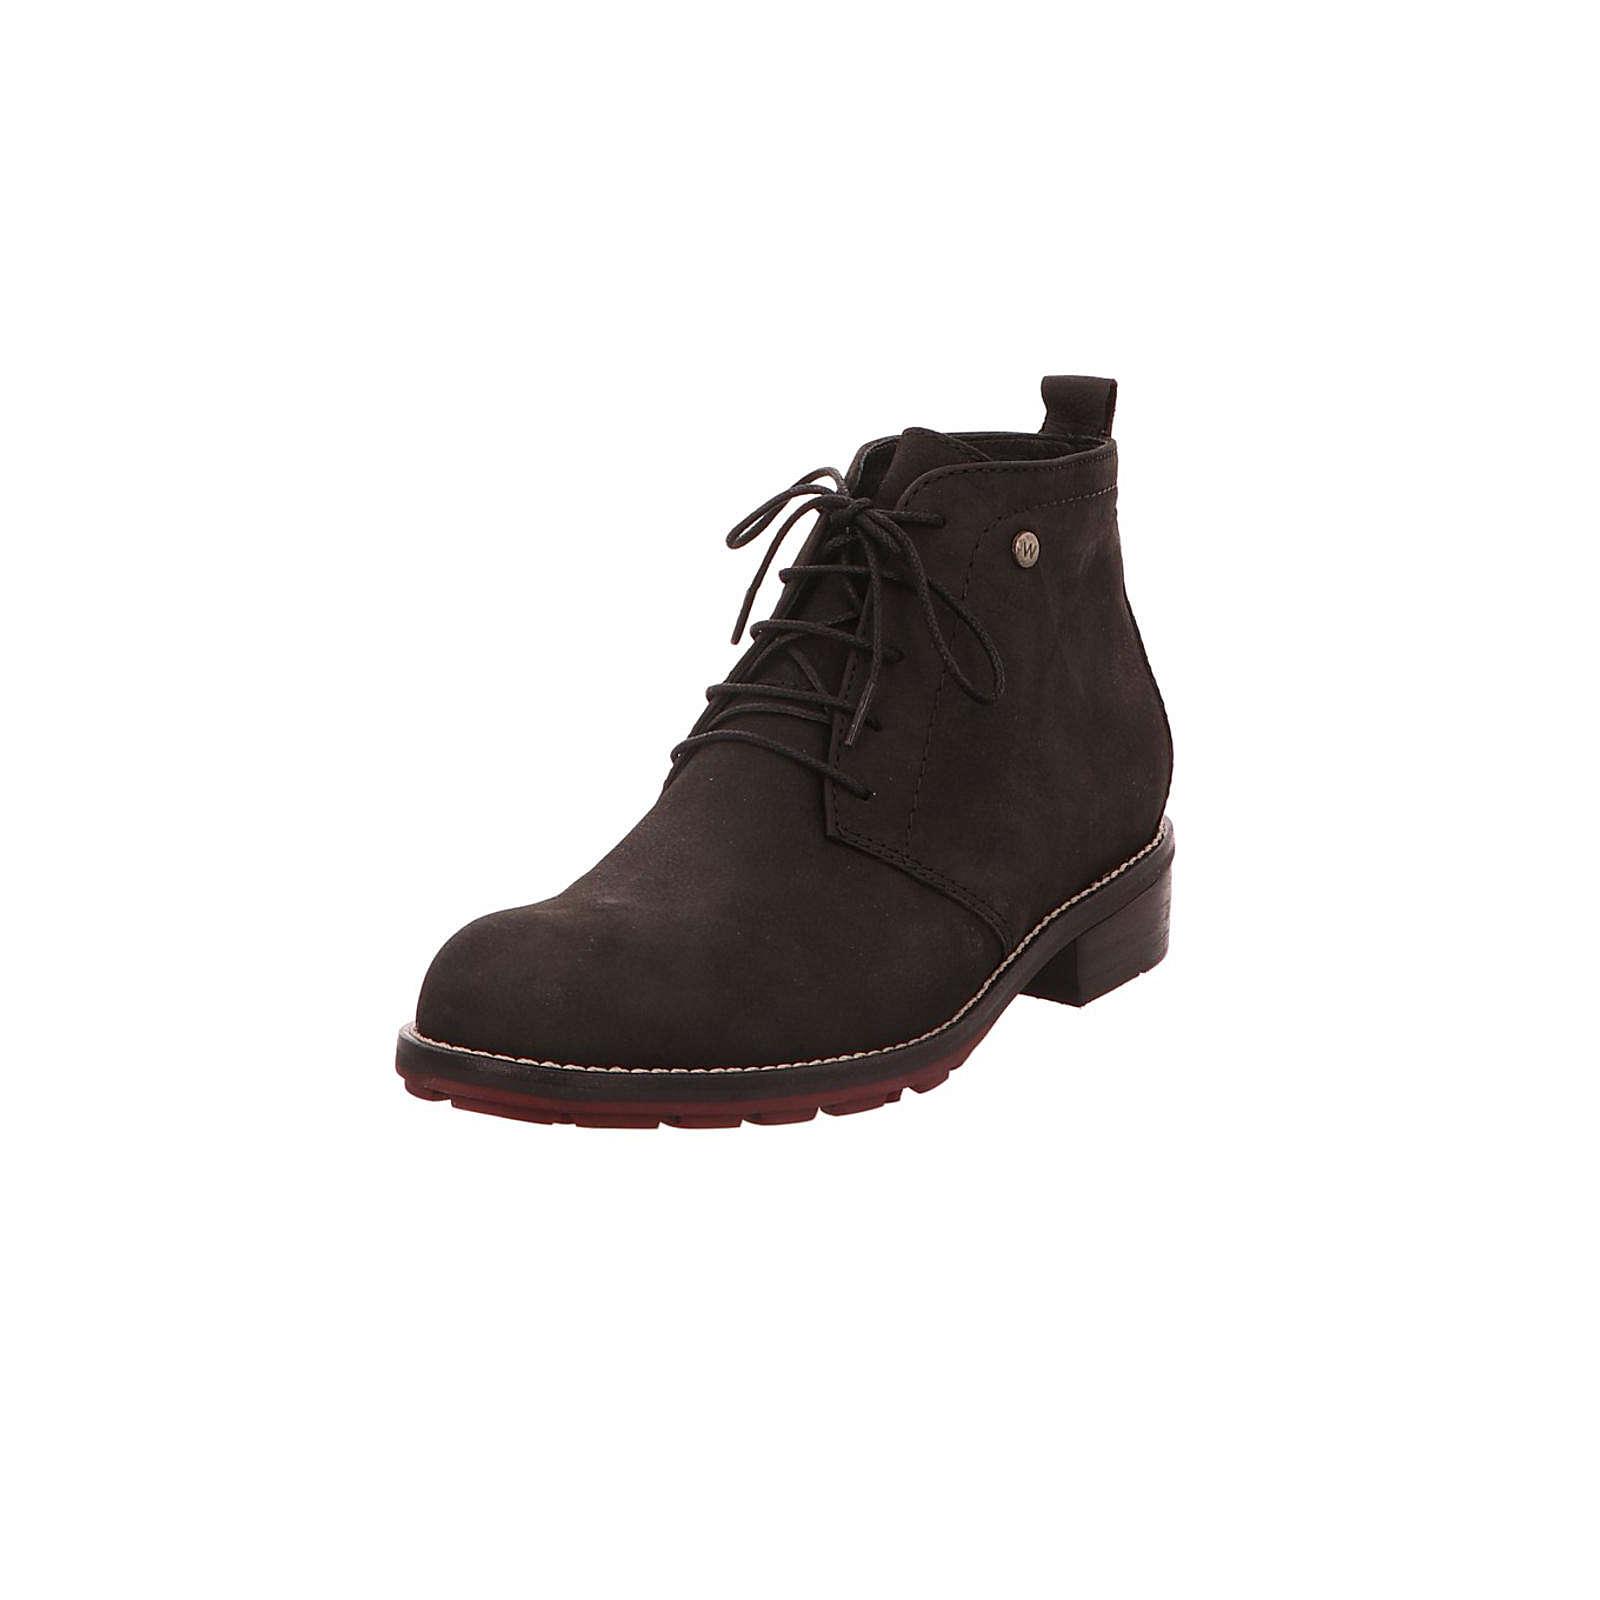 e991c6f431244a Wolky Stiefel schwarz Klassische Stiefeletten schwarz Damen Gr. 41